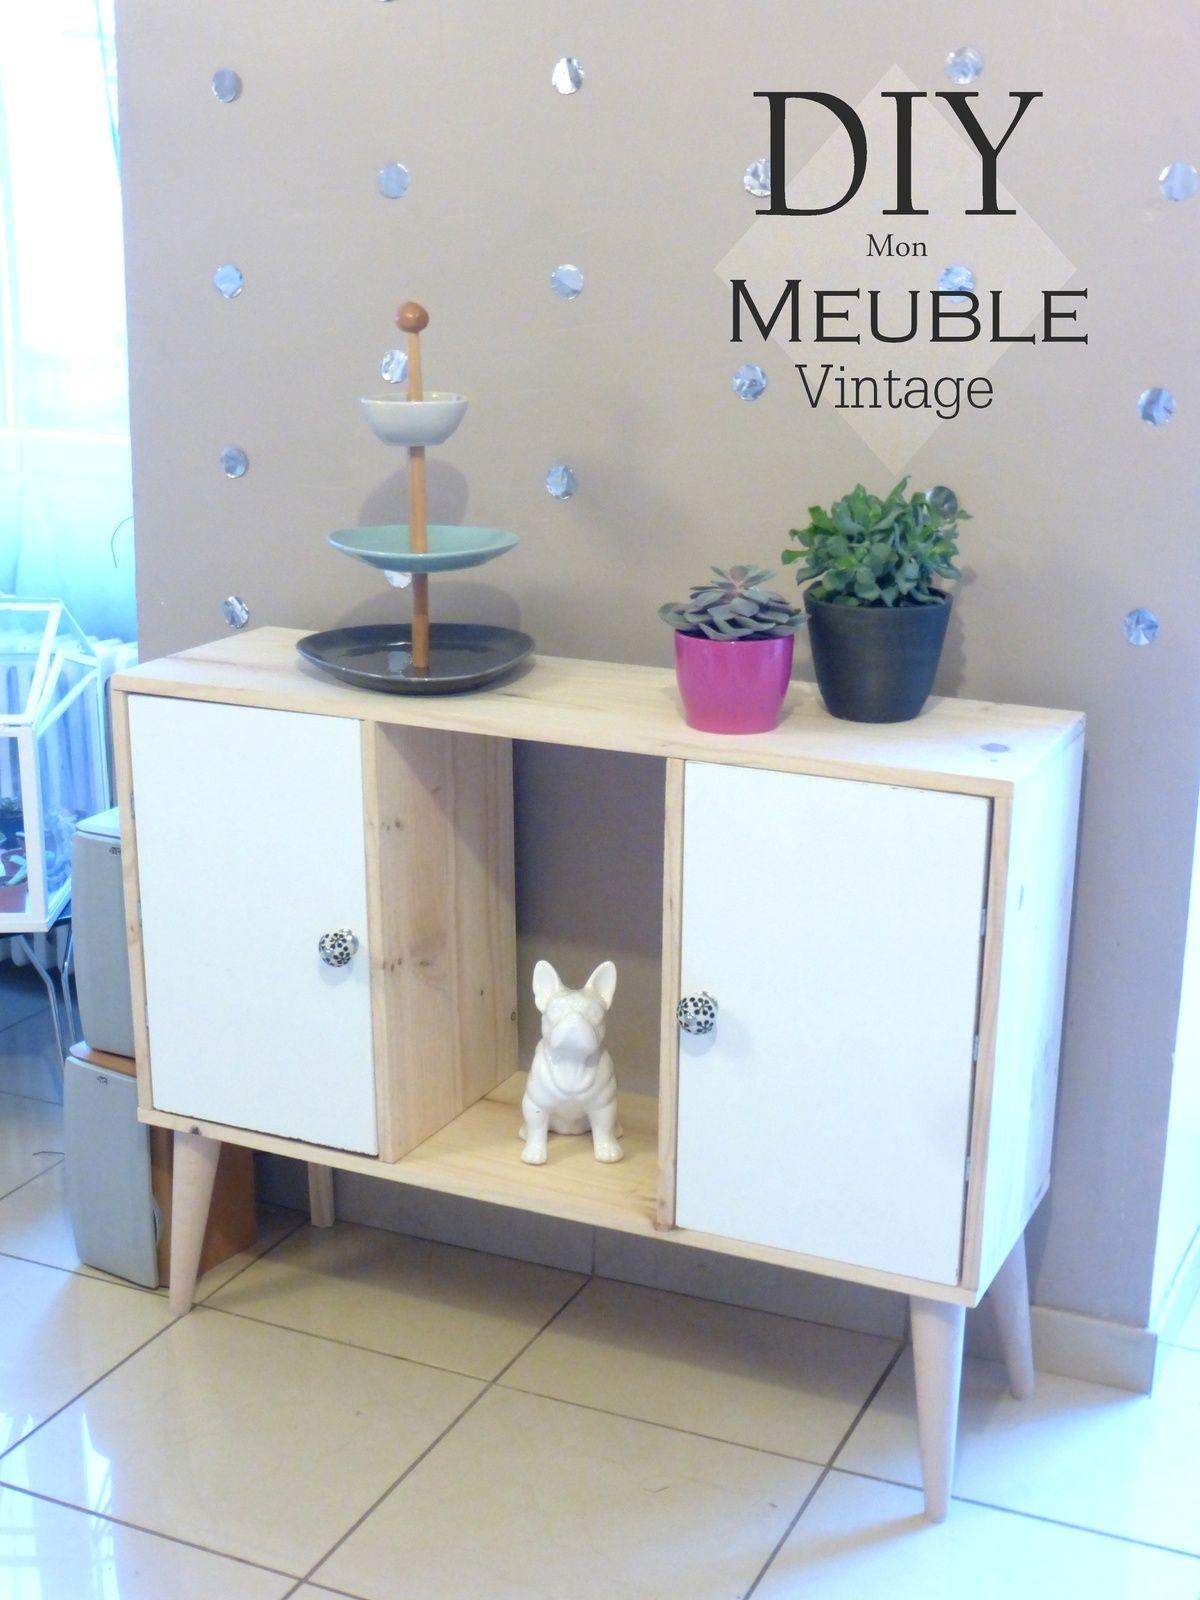 Un Meuble Au Style Nordique Vintage Tuto Inside Lulubidouille Diy Ikea Etageres En Bois Diy Mobilier De Salon